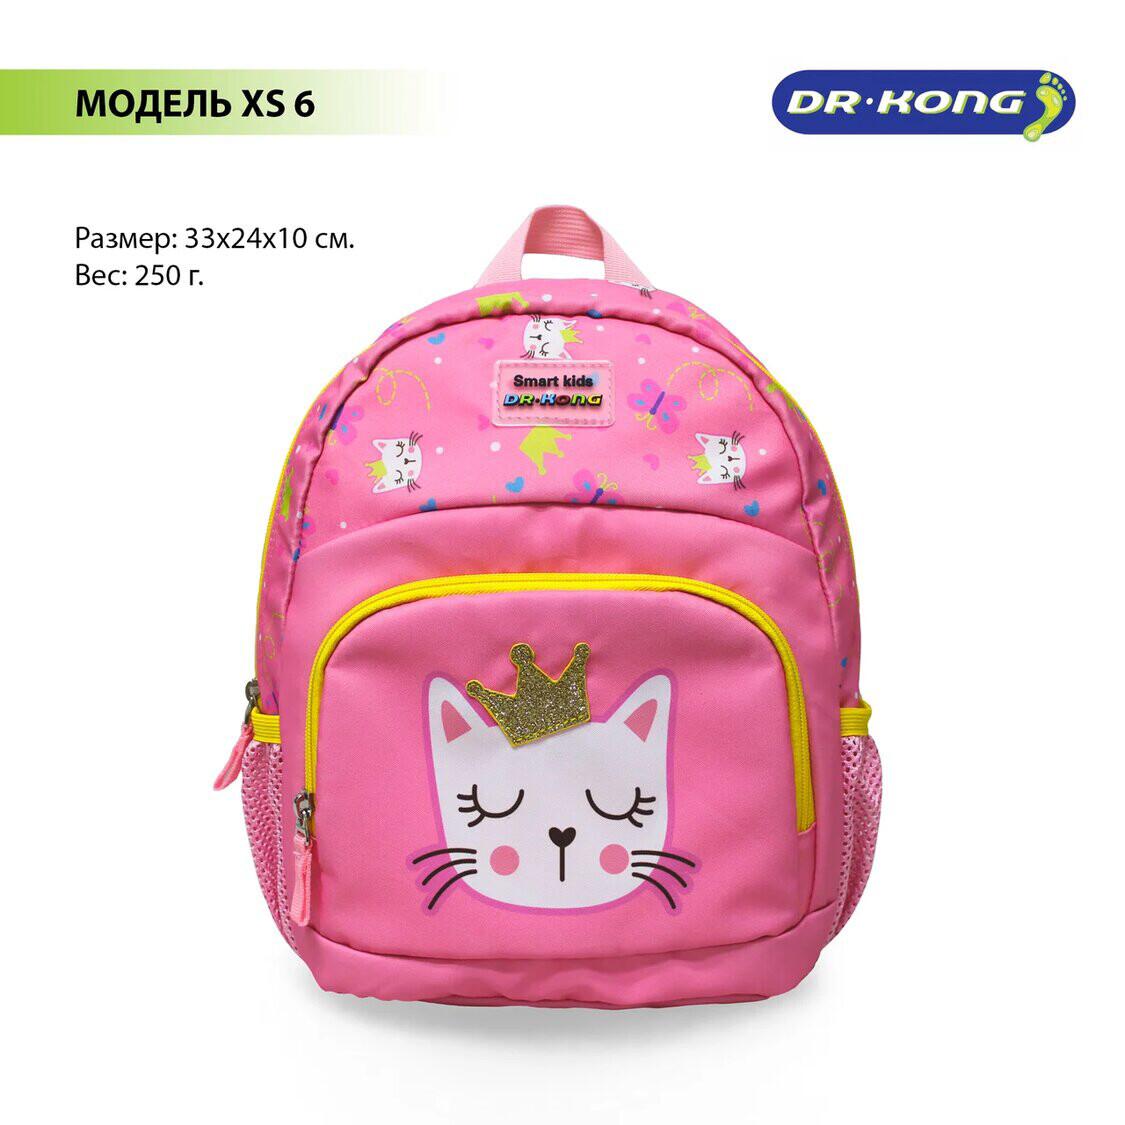 Детский рюкзак DR.KONG XS 6 для дошкольников